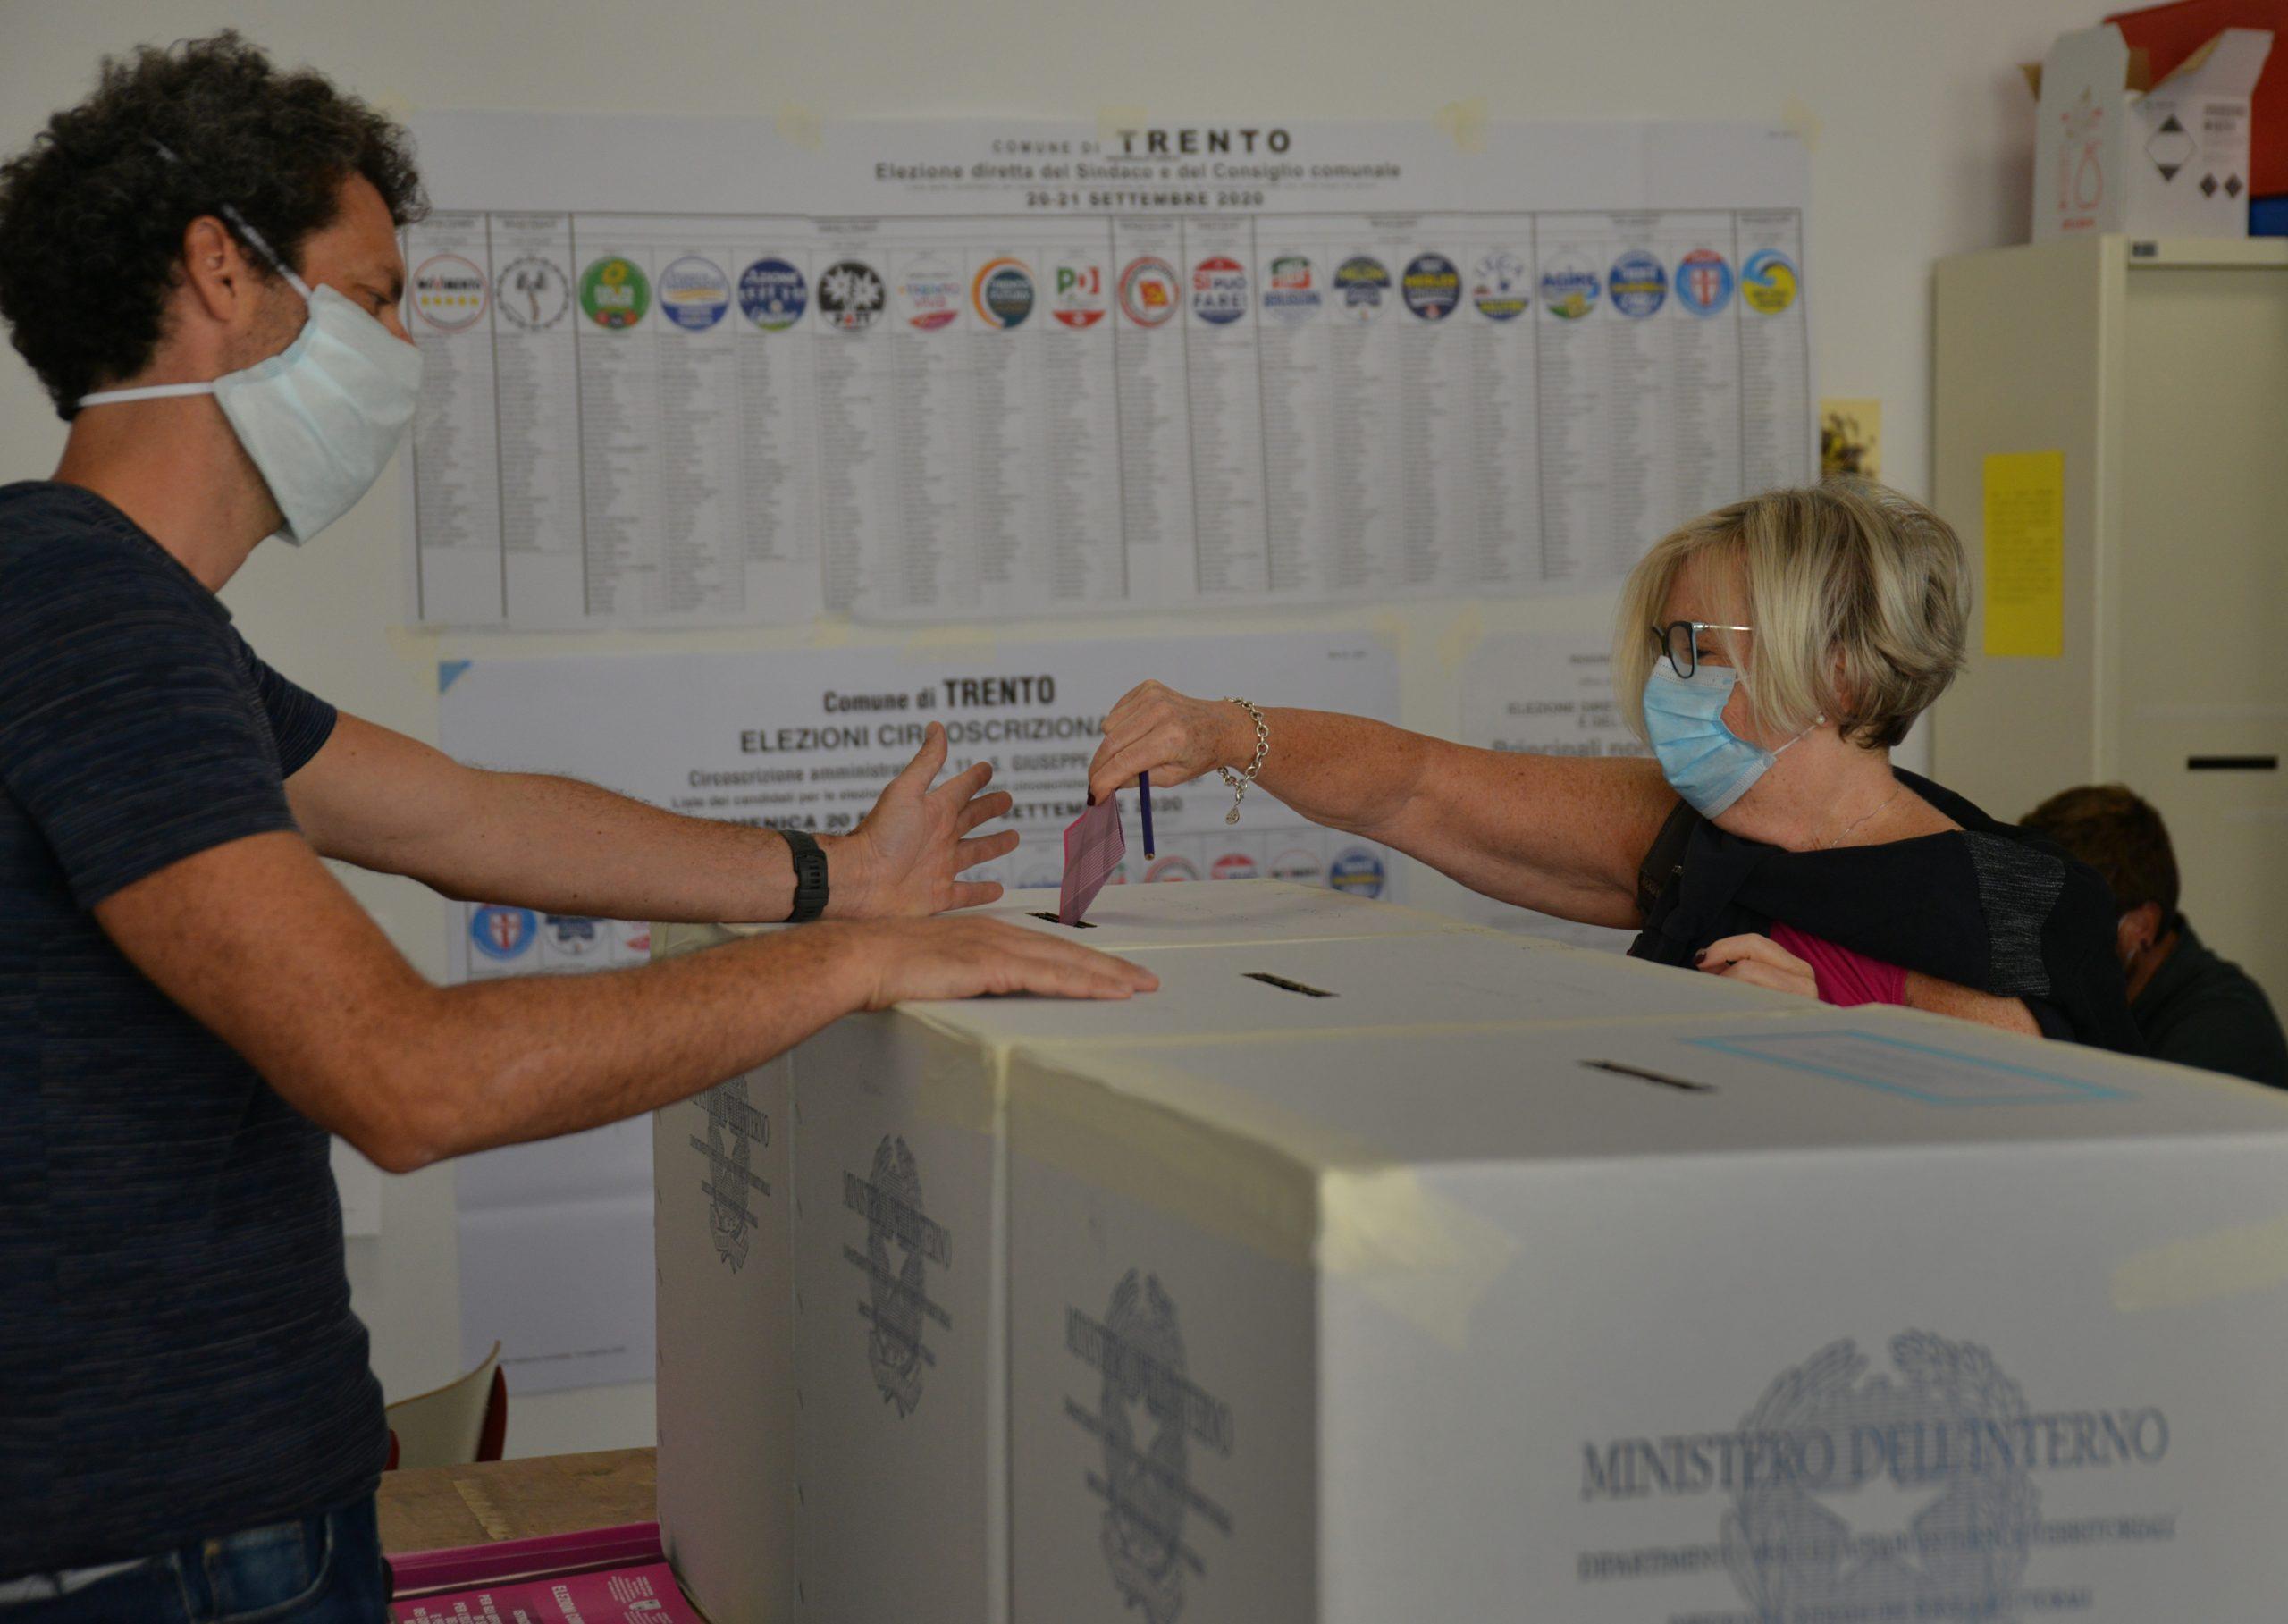 Elezioni amministrative 2020. Foto Zotta